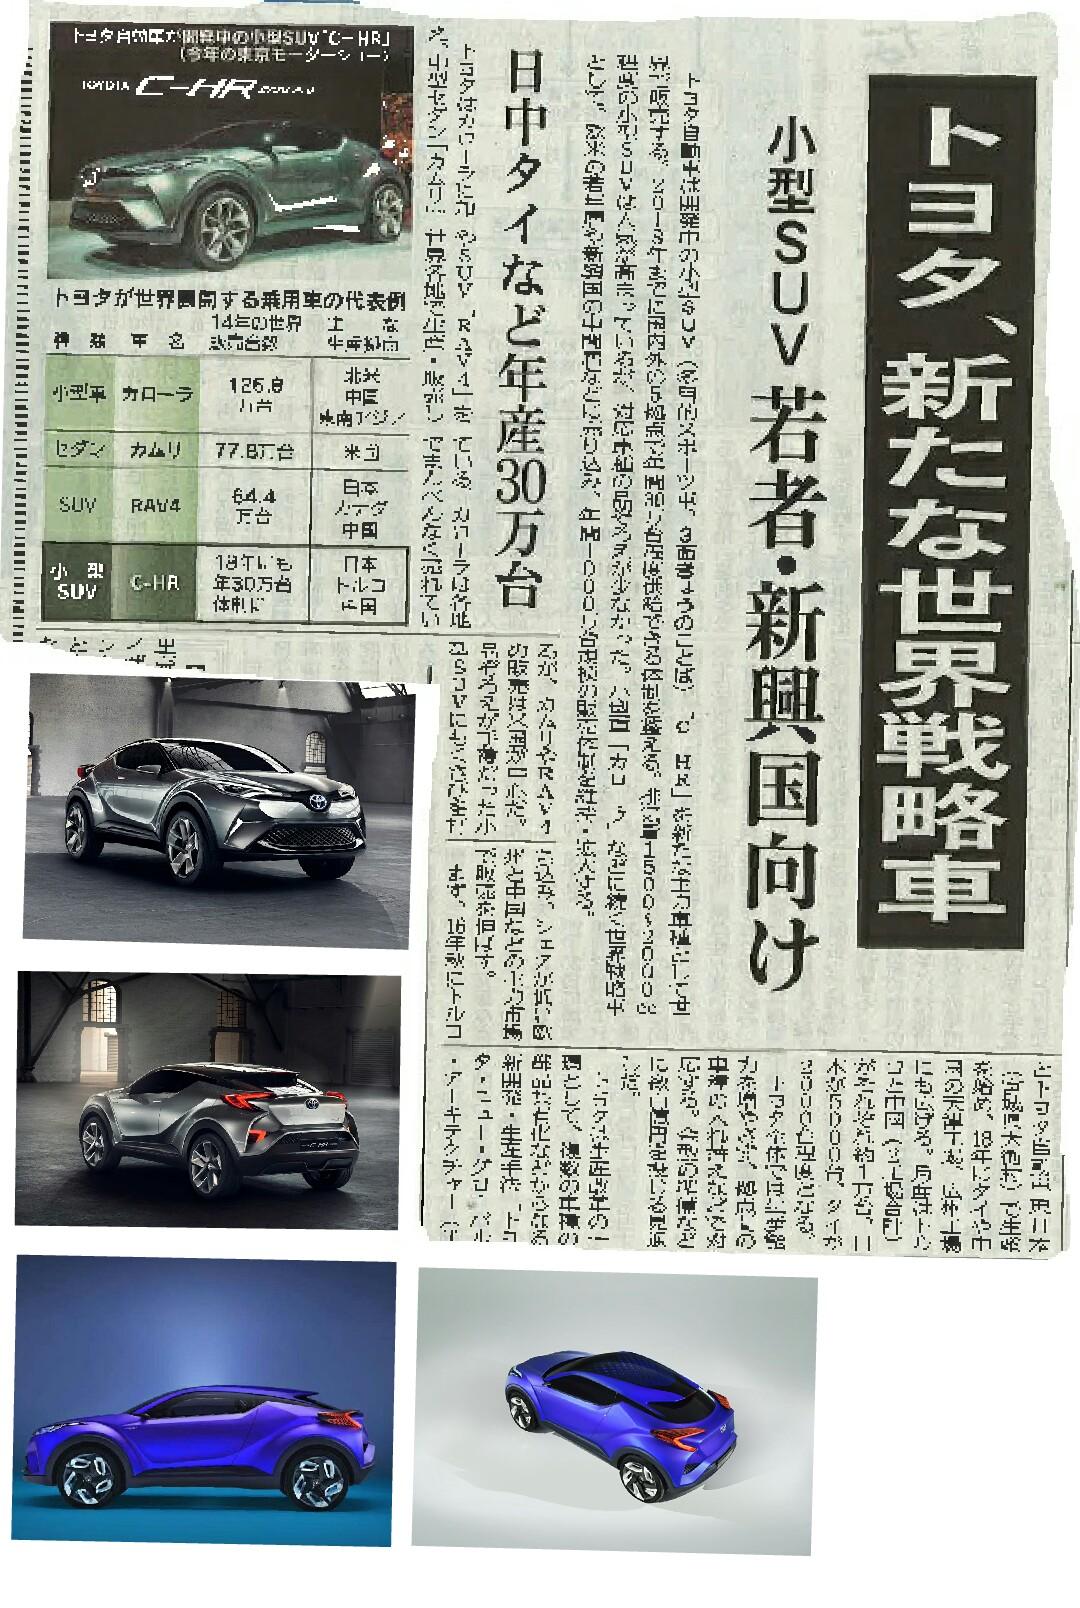 トヨタC-HR 16年秋 日本発売 日経